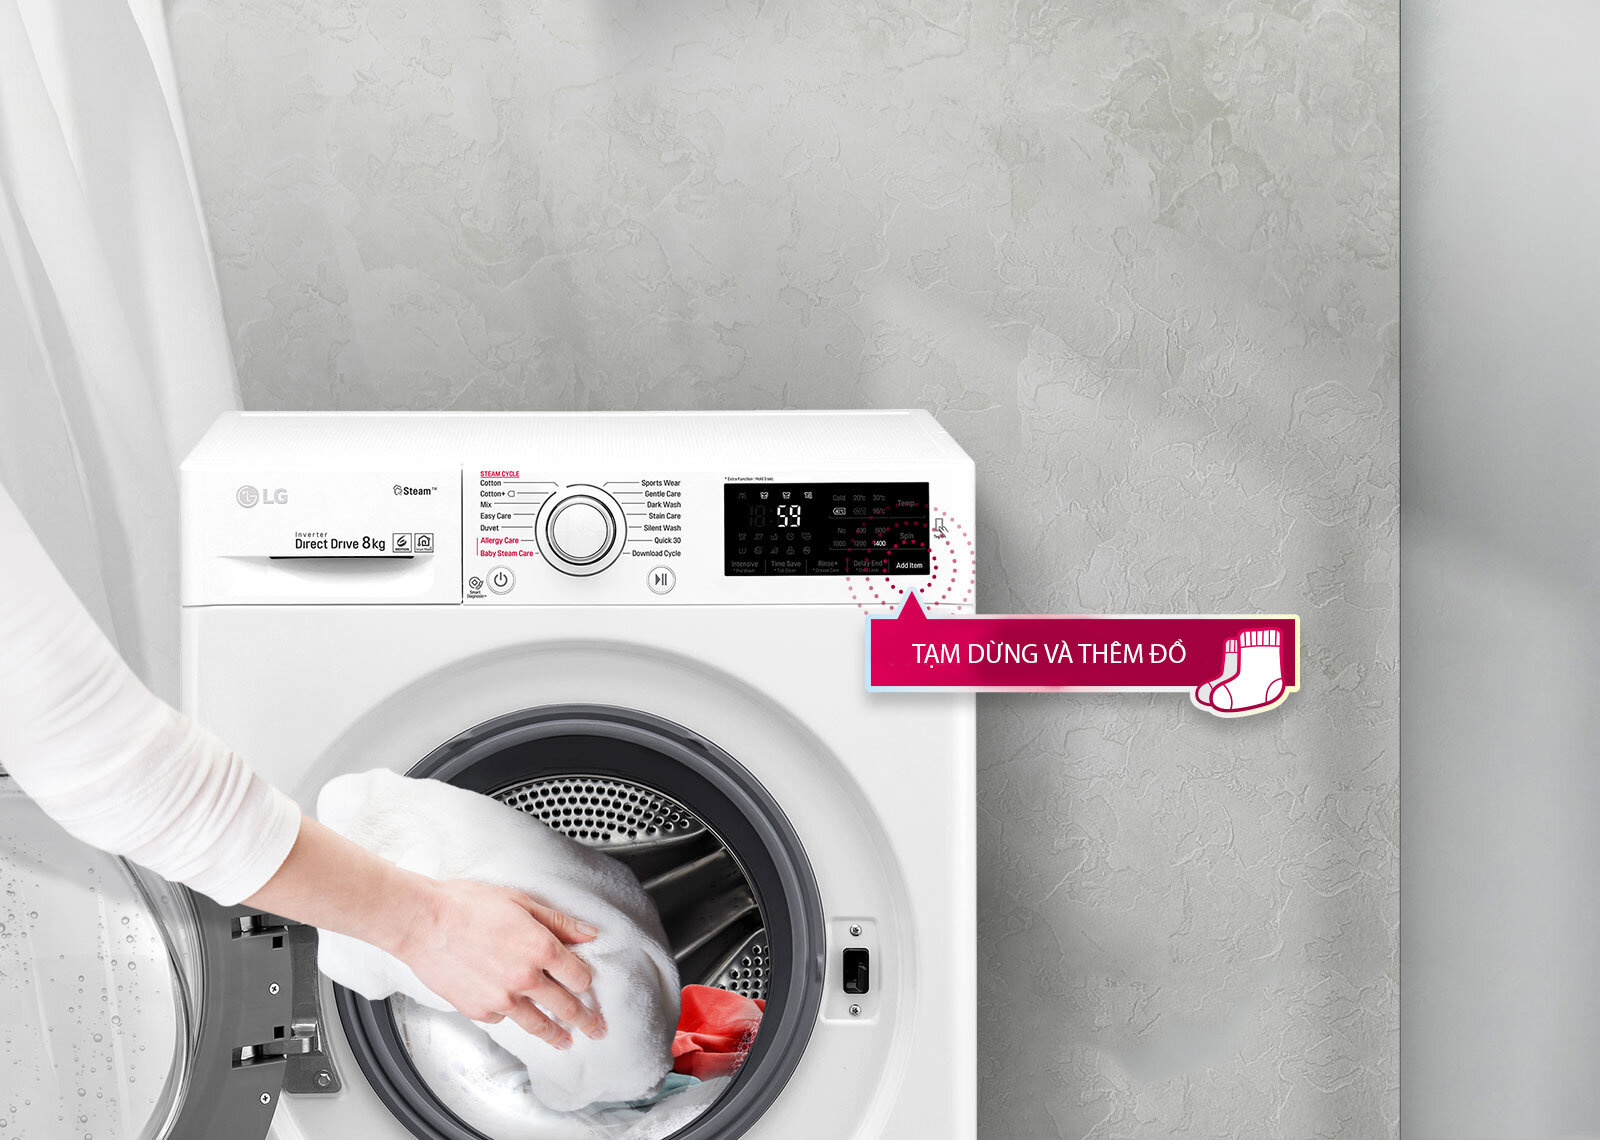 Bạn có thể tạm dừng và thêm đồ vào với máy giặt LG FC1408S4W2